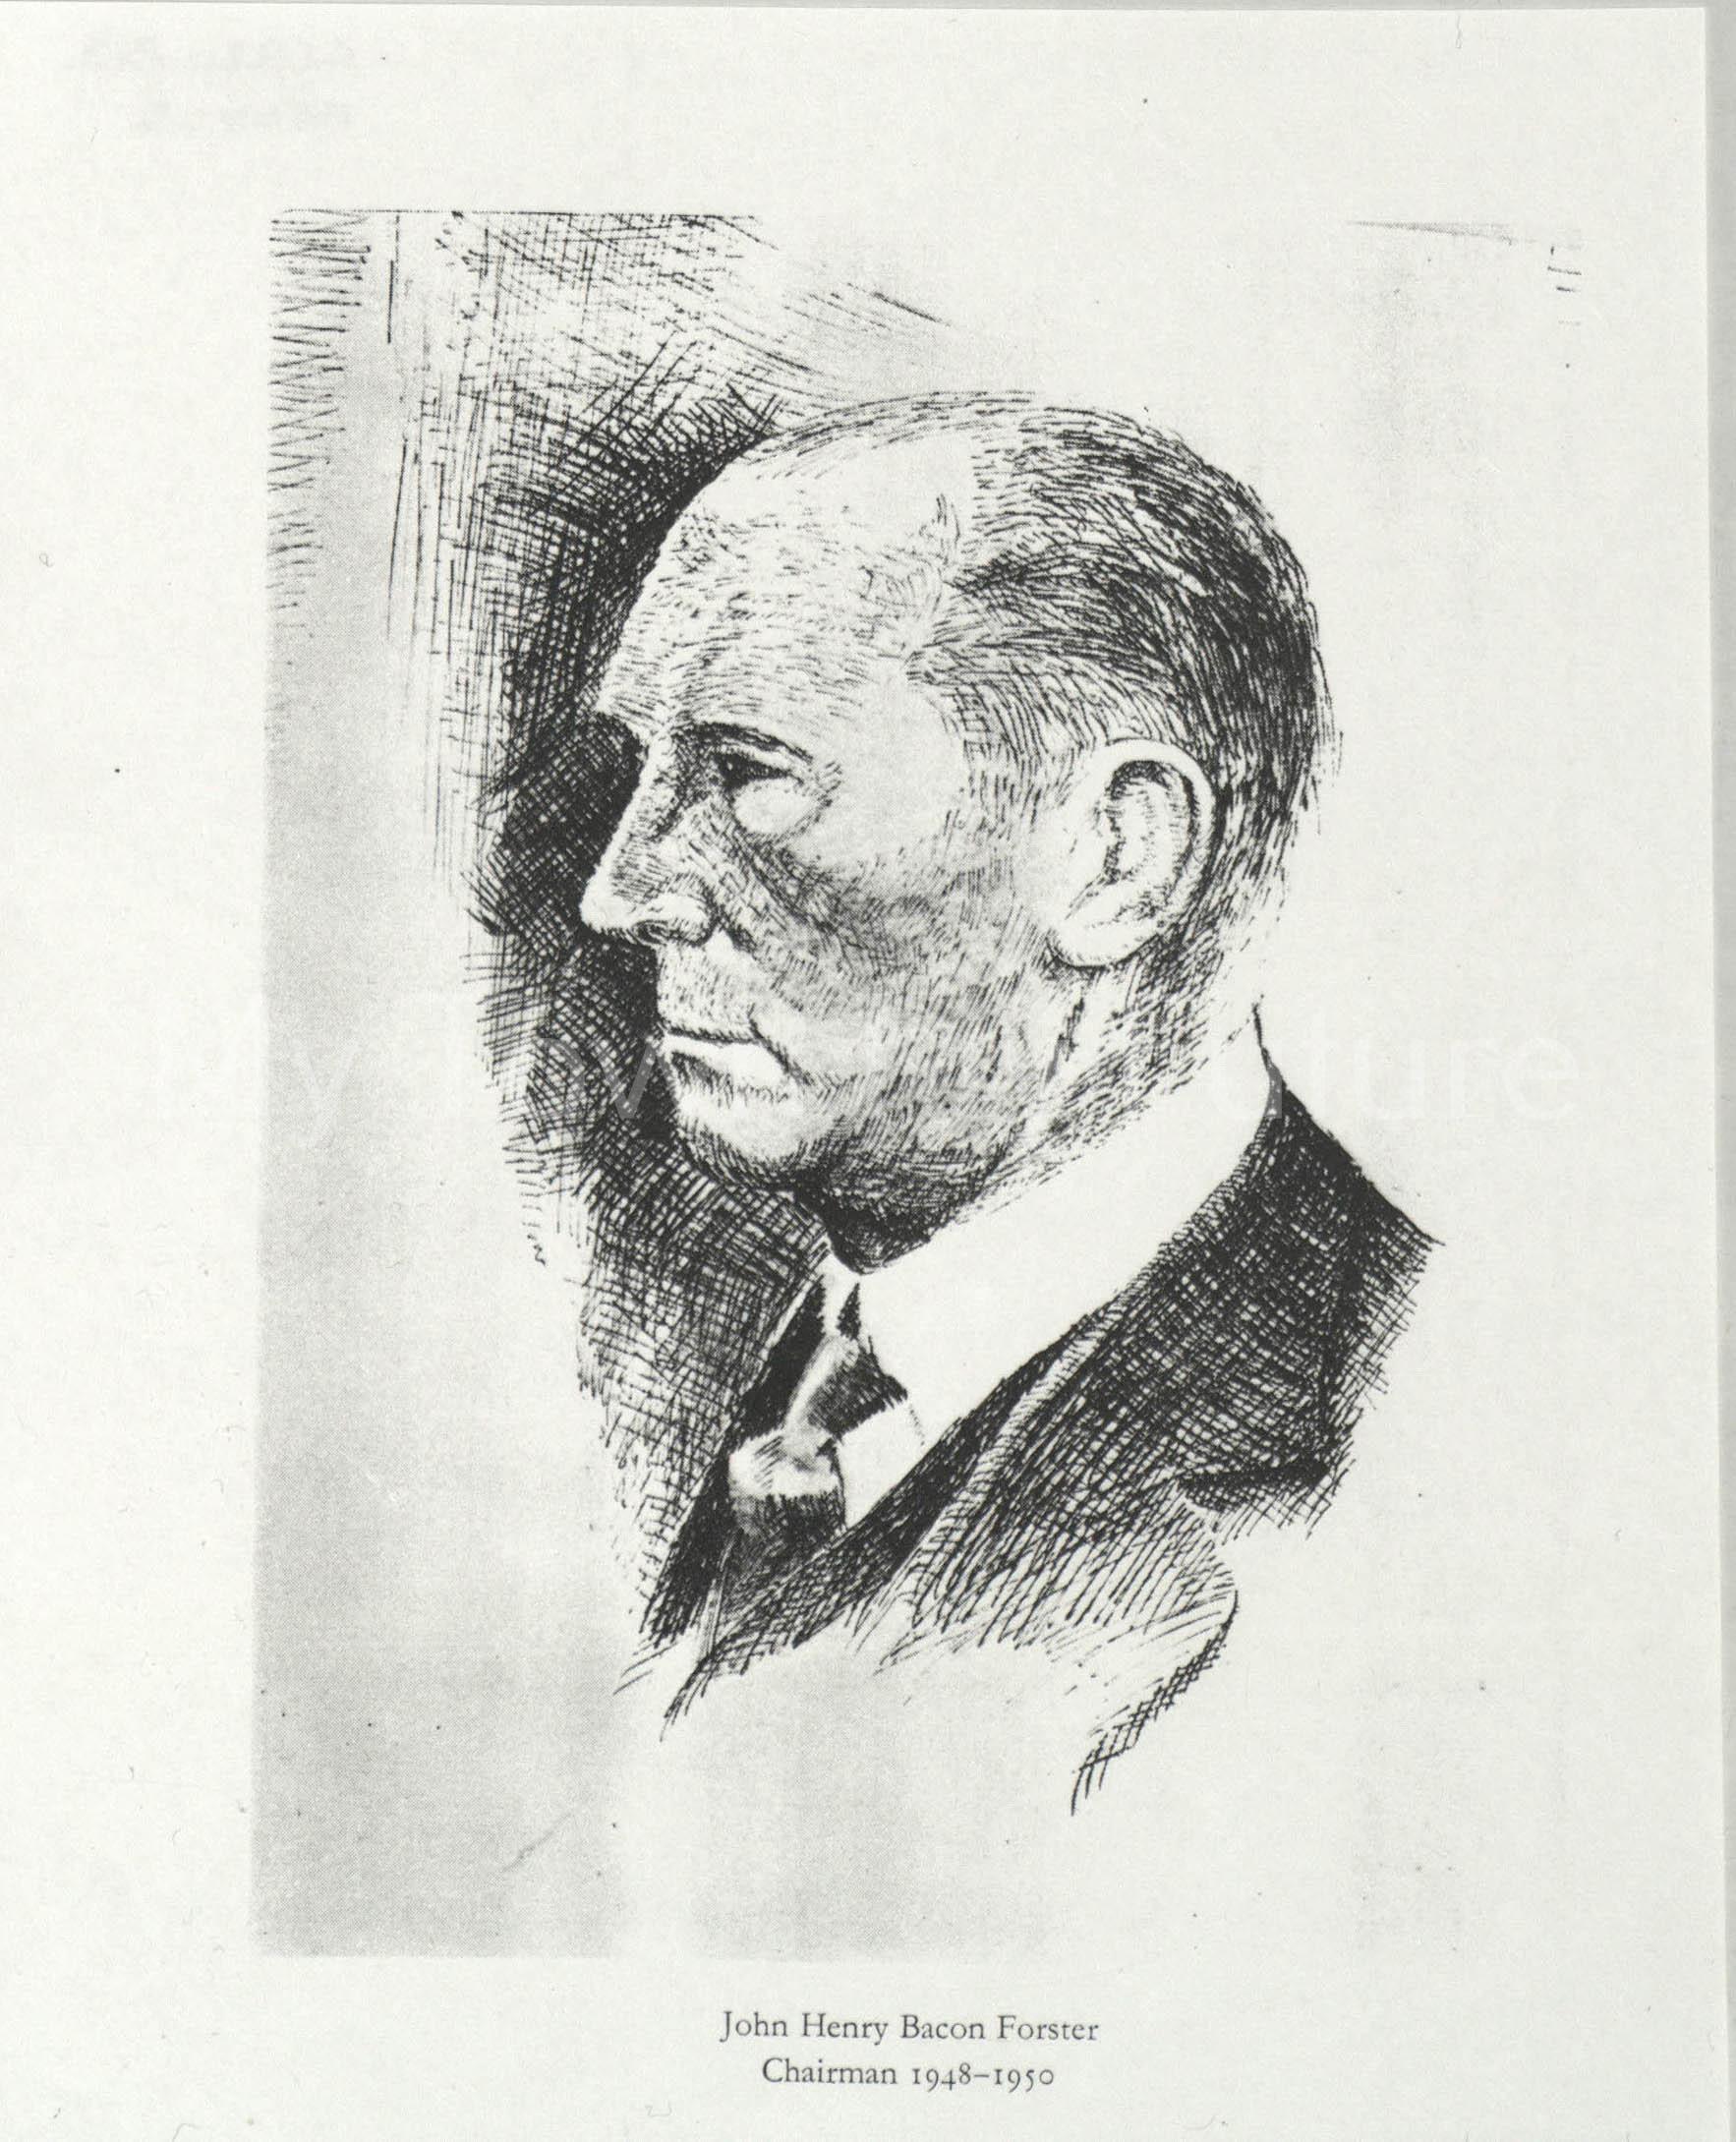 John Henry Bacon Forster